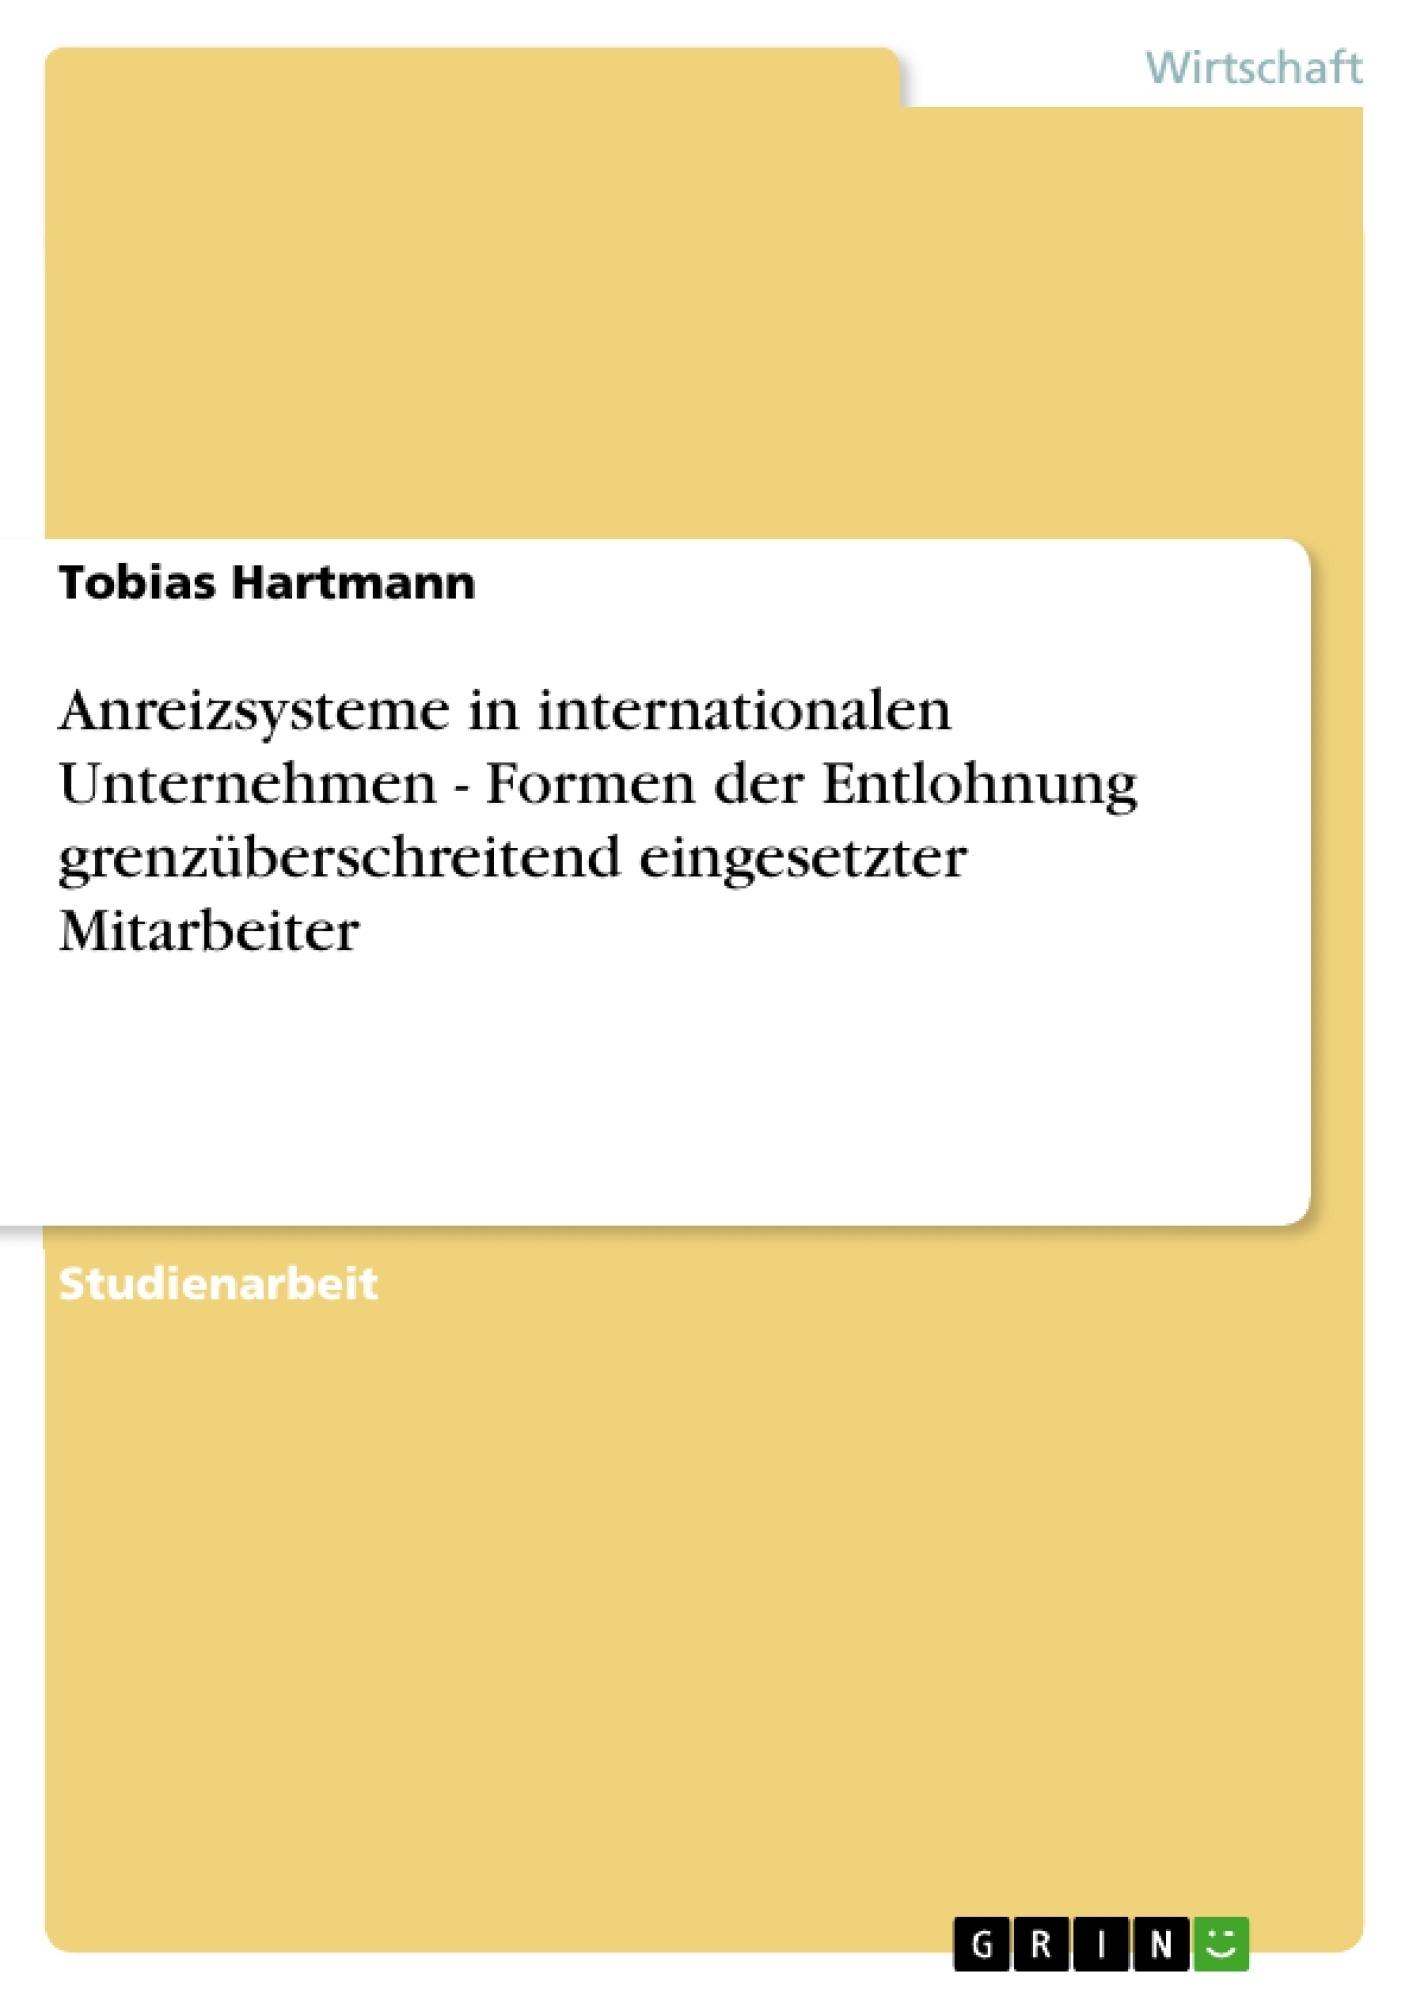 Titel: Anreizsysteme in internationalen Unternehmen - Formen der Entlohnung grenzüberschreitend eingesetzter Mitarbeiter